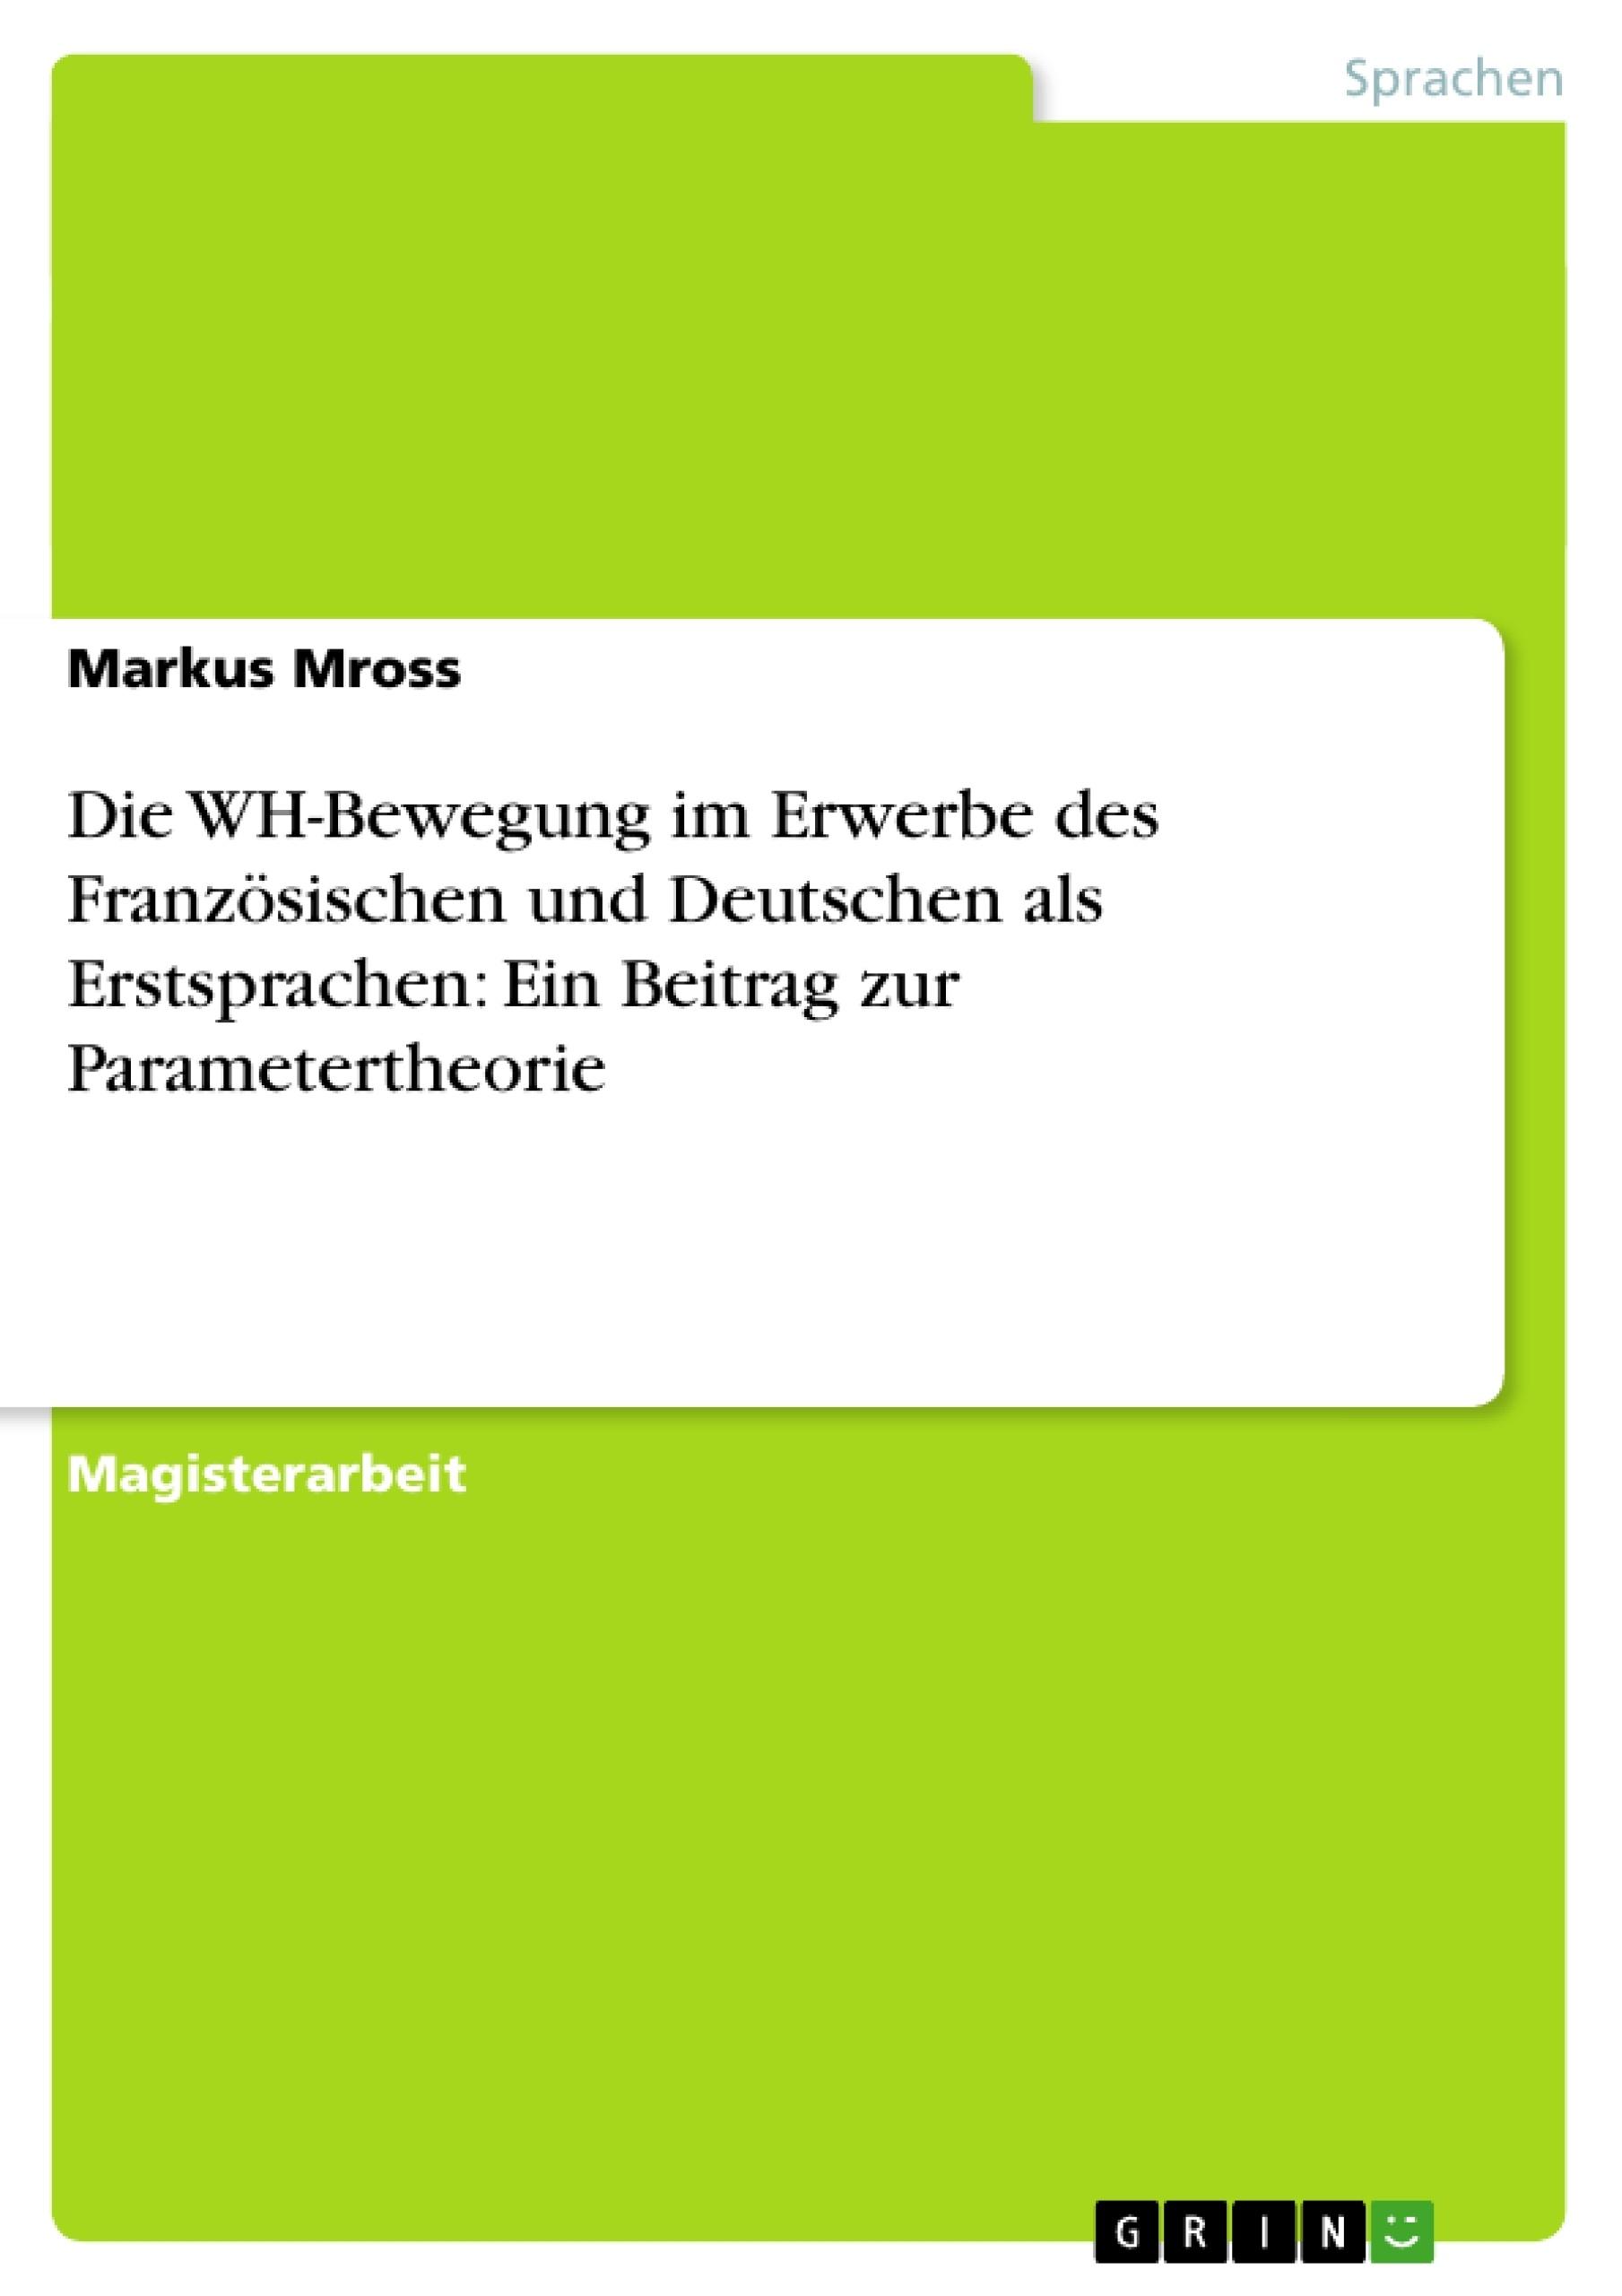 Titel: Die WH-Bewegung im Erwerbe des Französischen und Deutschen als Erstsprachen: Ein Beitrag zur Parametertheorie